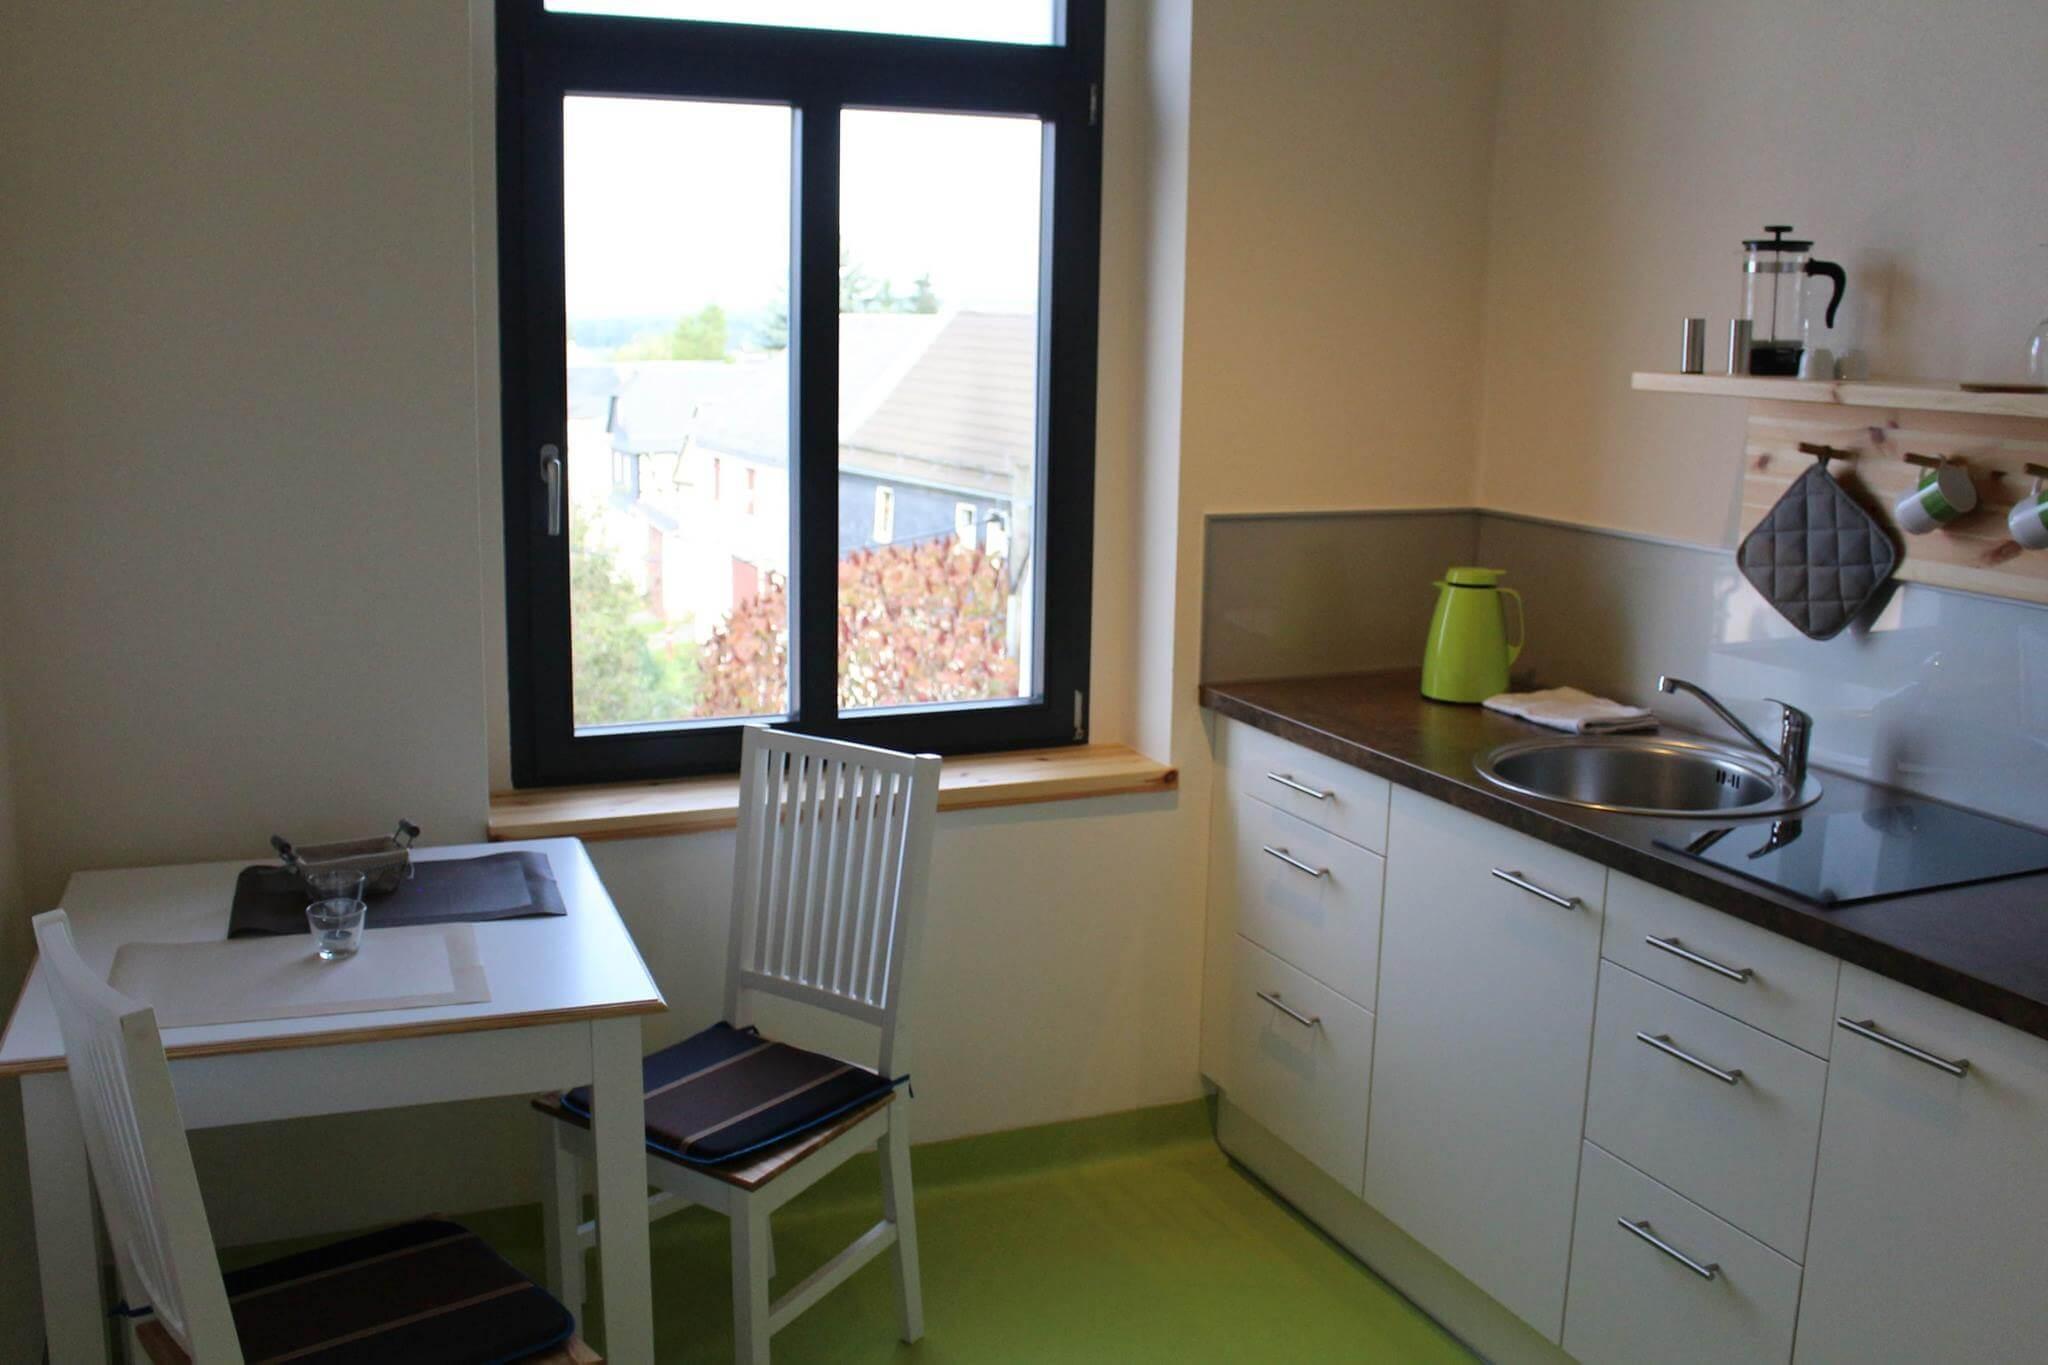 Hotel Turmschule Zeulenroda Klassenzimmer 04, Küche